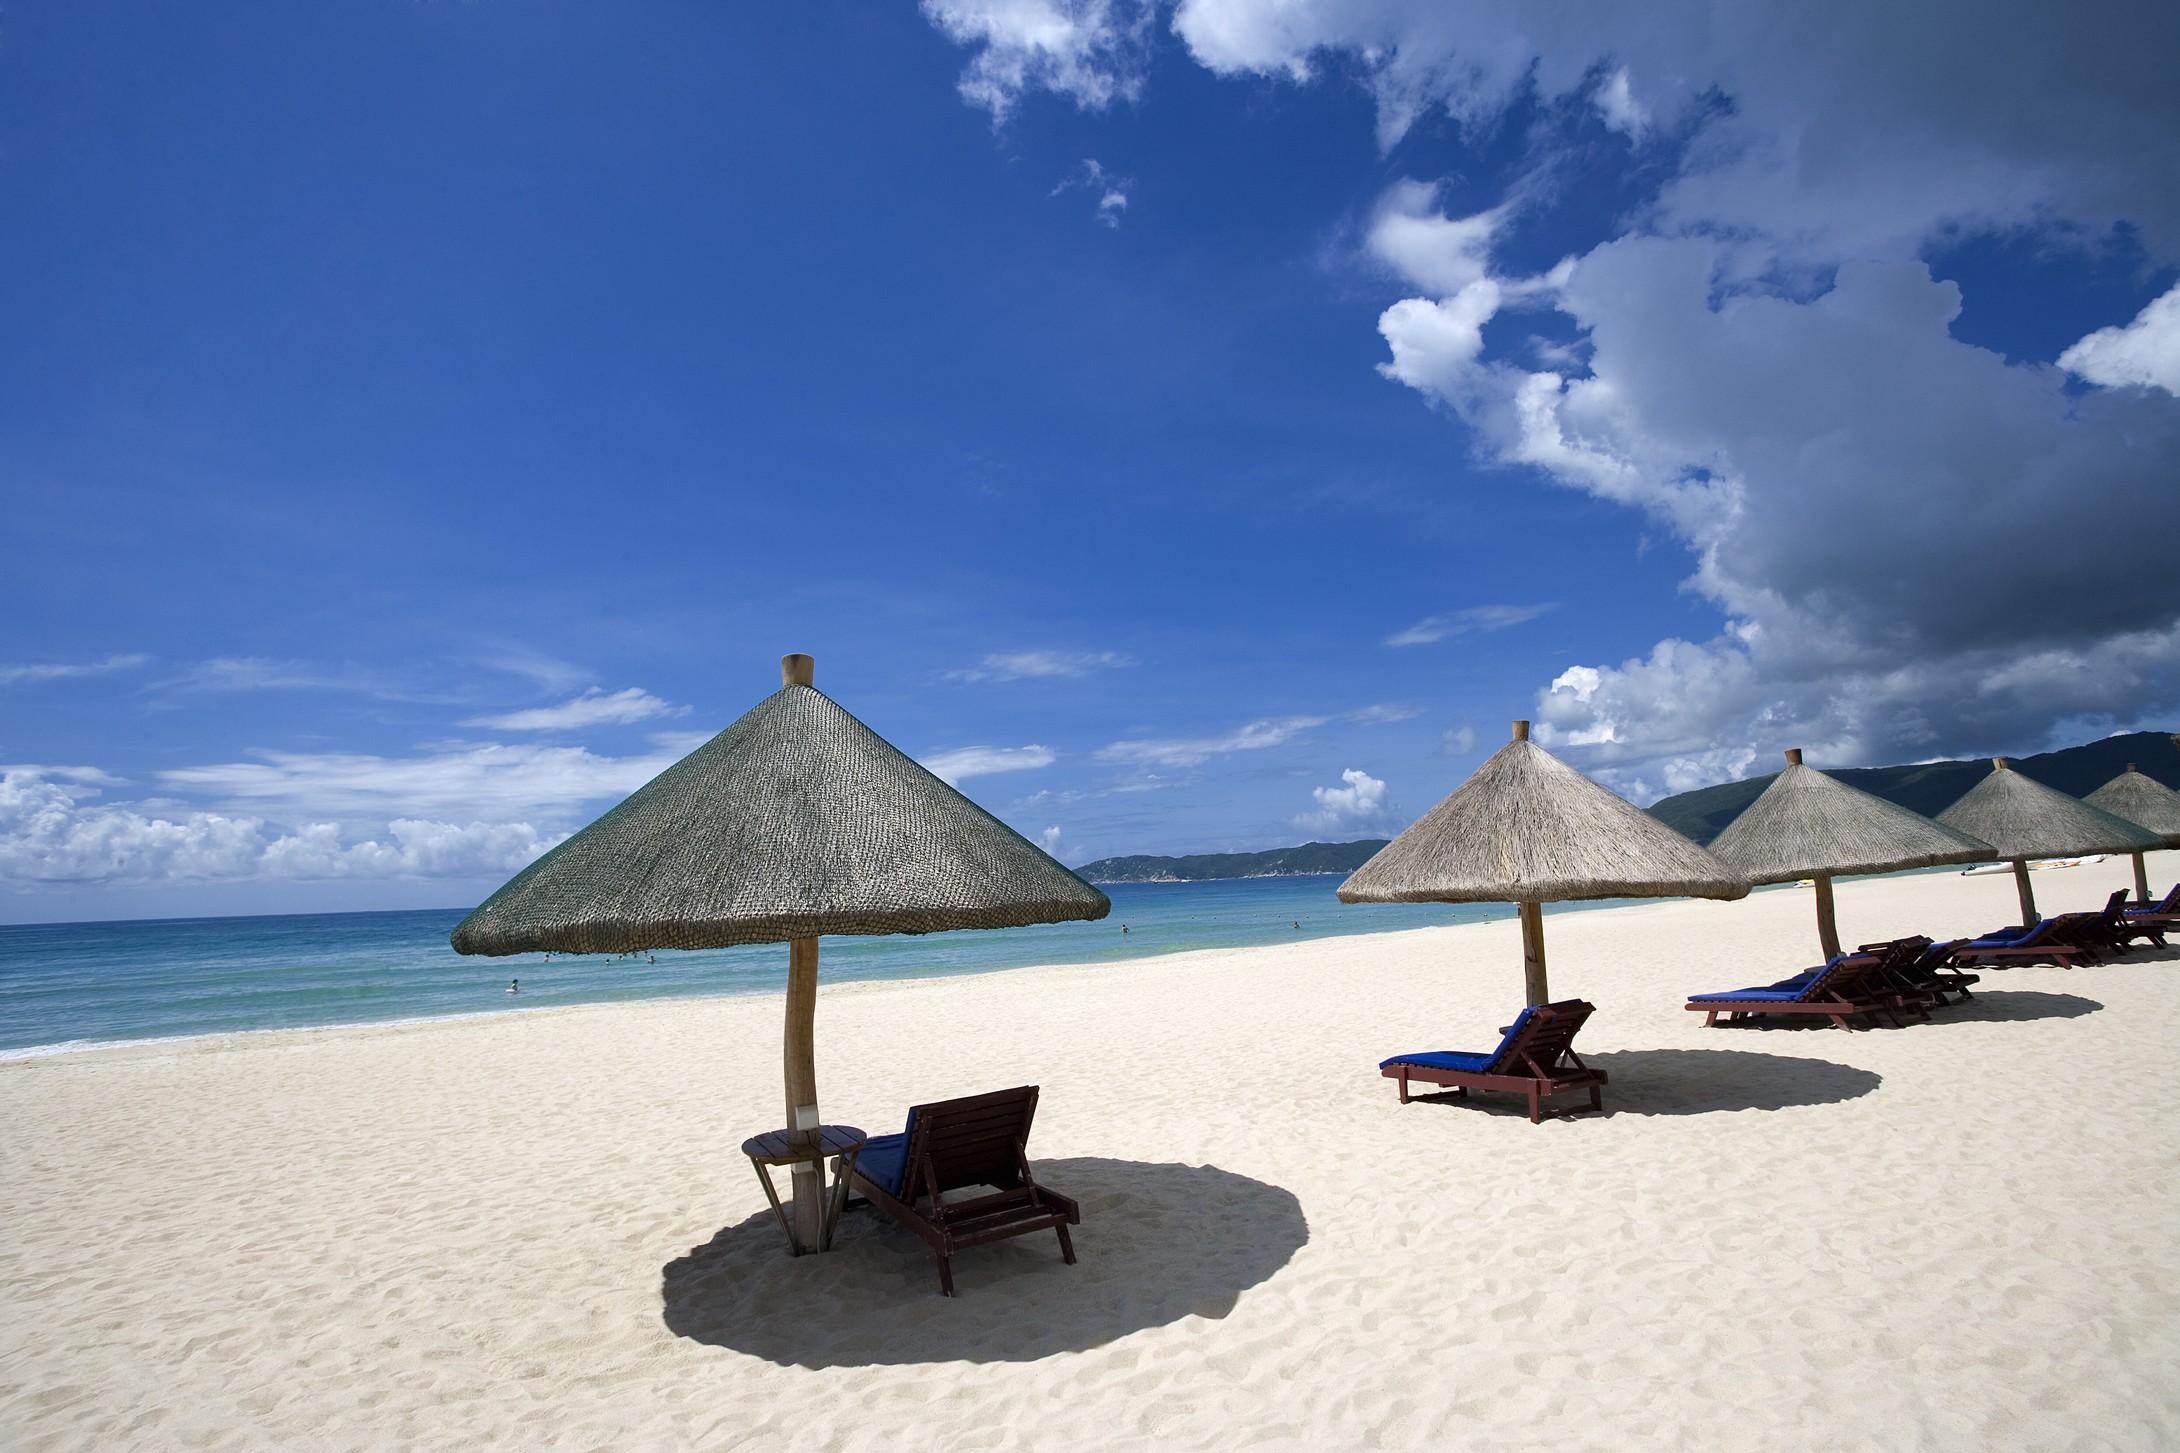 适合暑假旅游的地方推荐